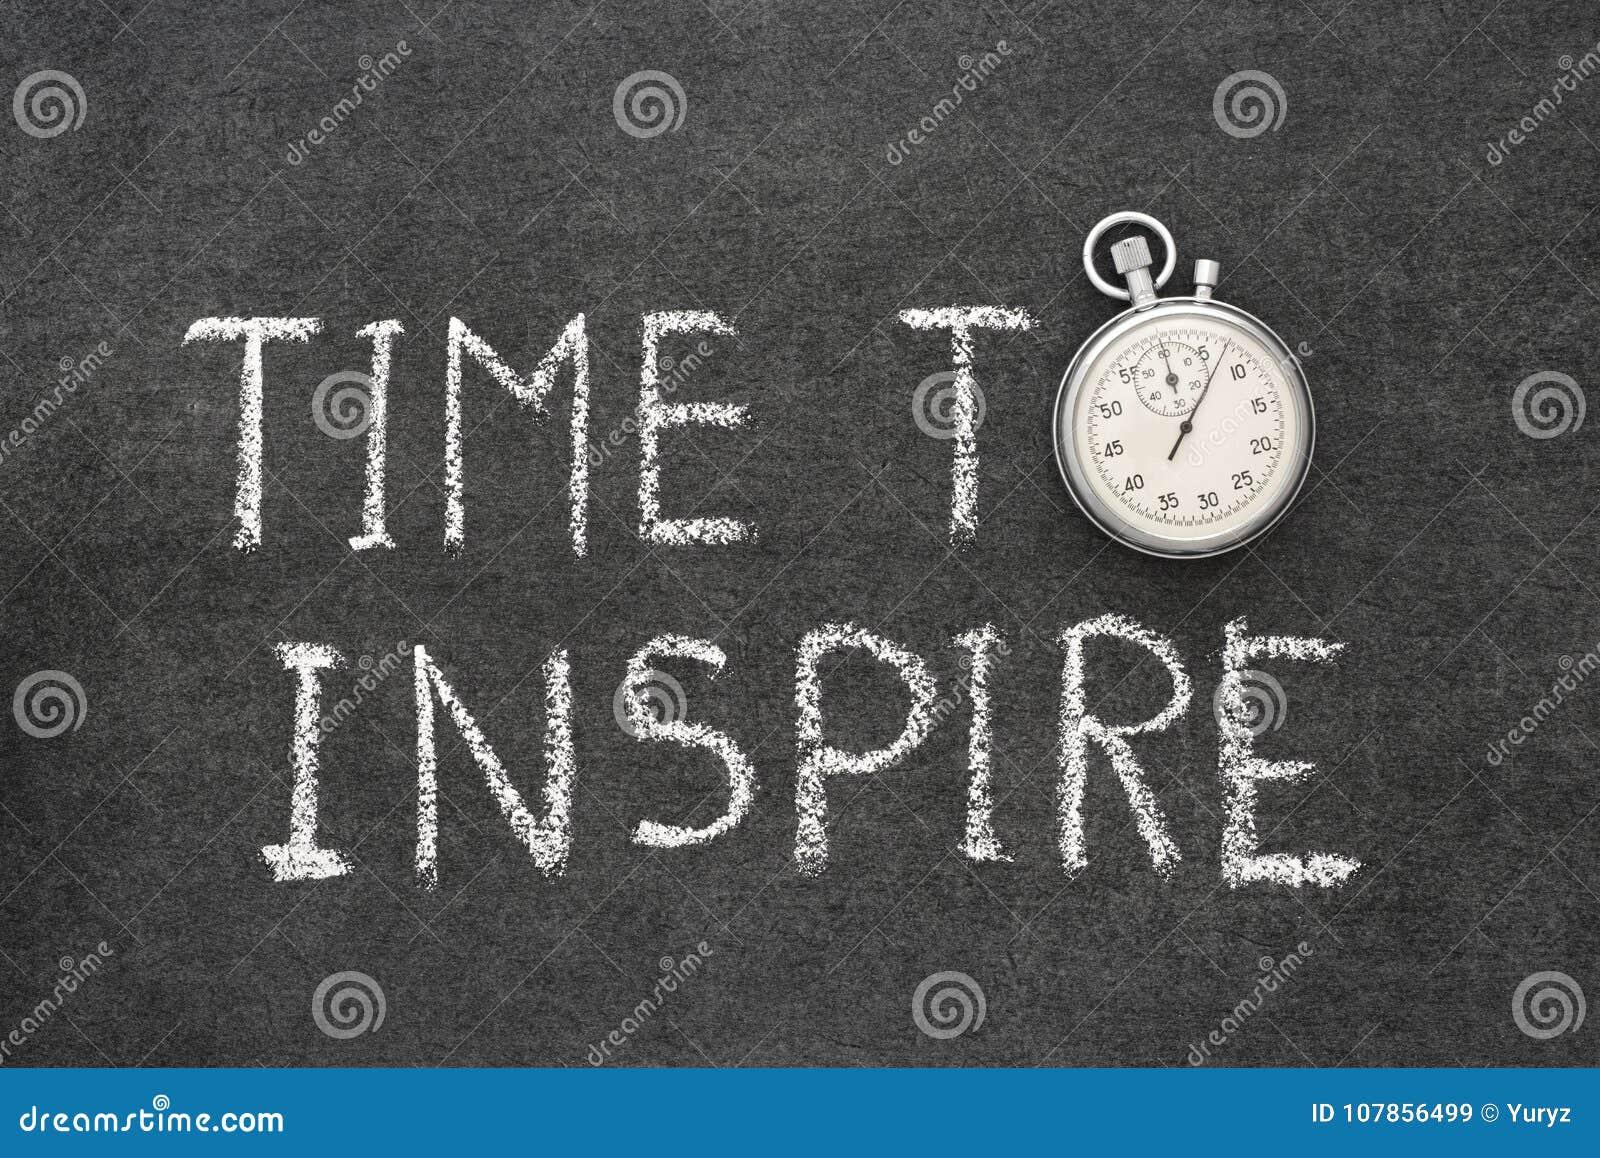 Heure d inspirer